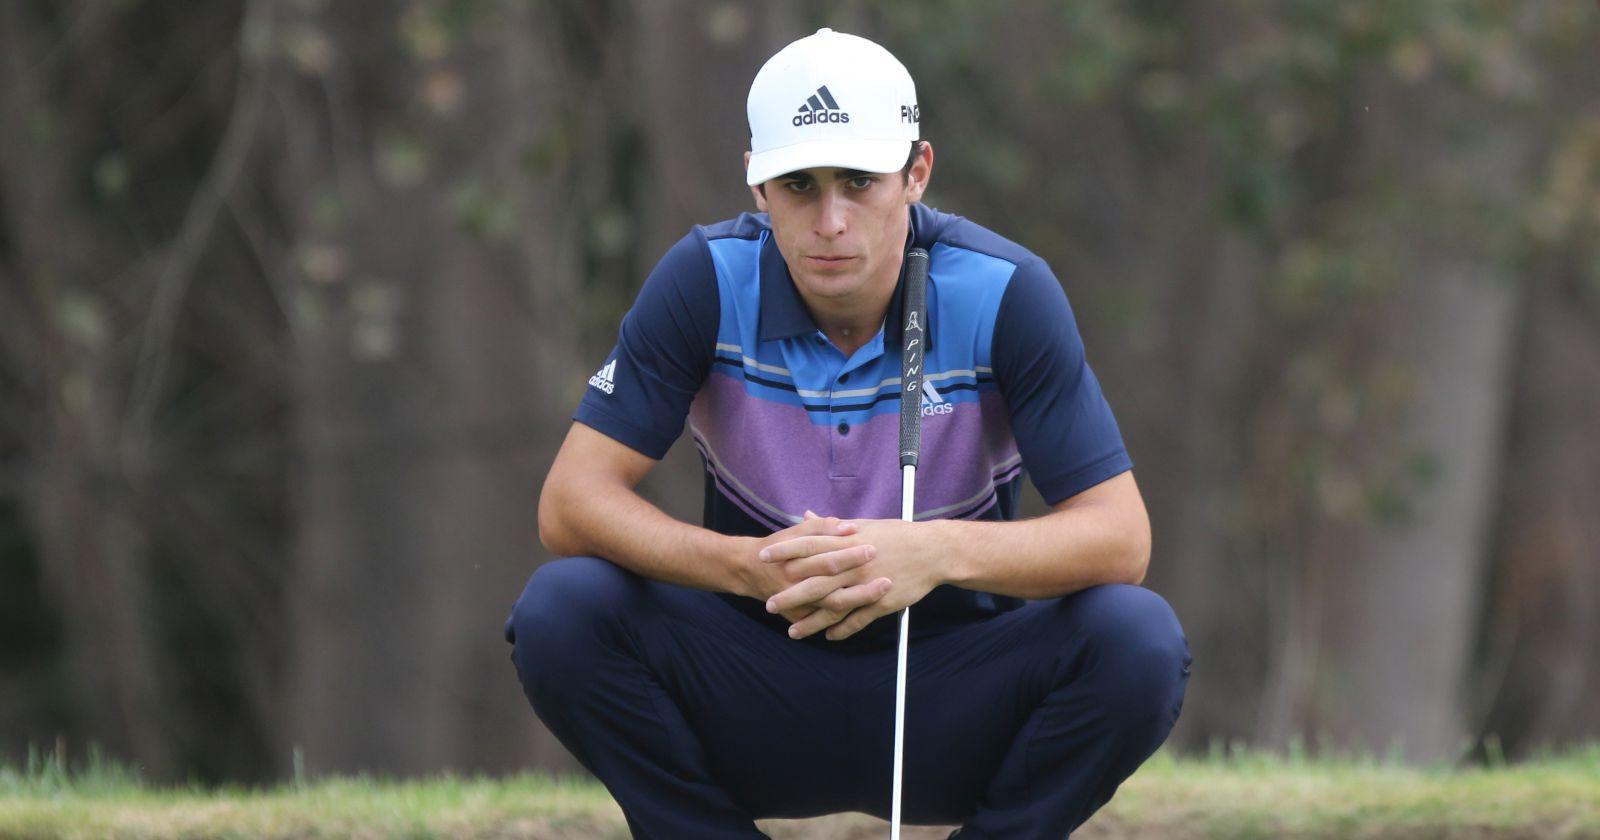 Presidente del Golf reclama por la no postulación de Joaquín Niemann al Premio Nacional del Deporte